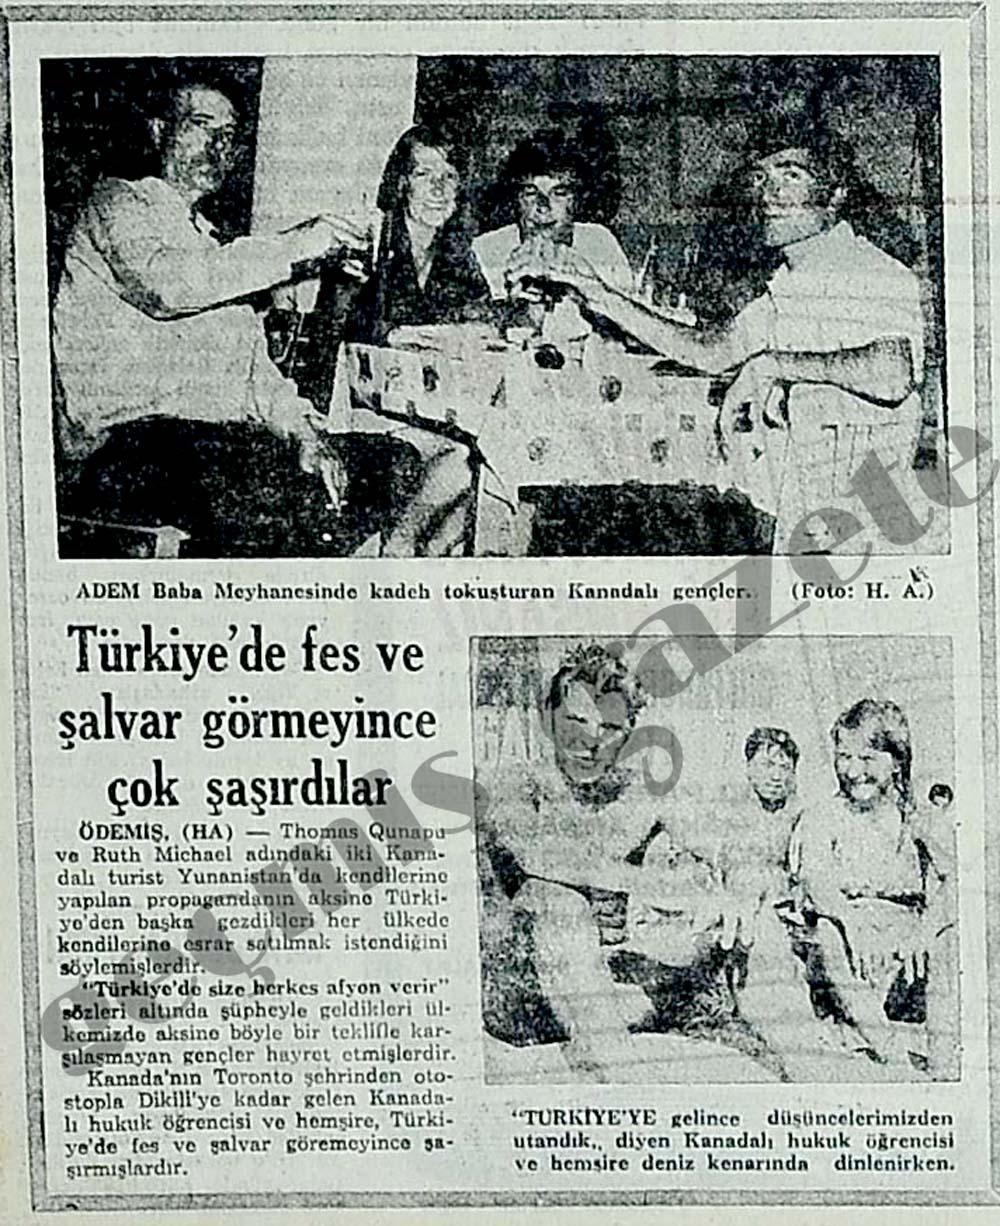 Türkiye'de fes ve şalvar görmeyince çok şaşırdılar